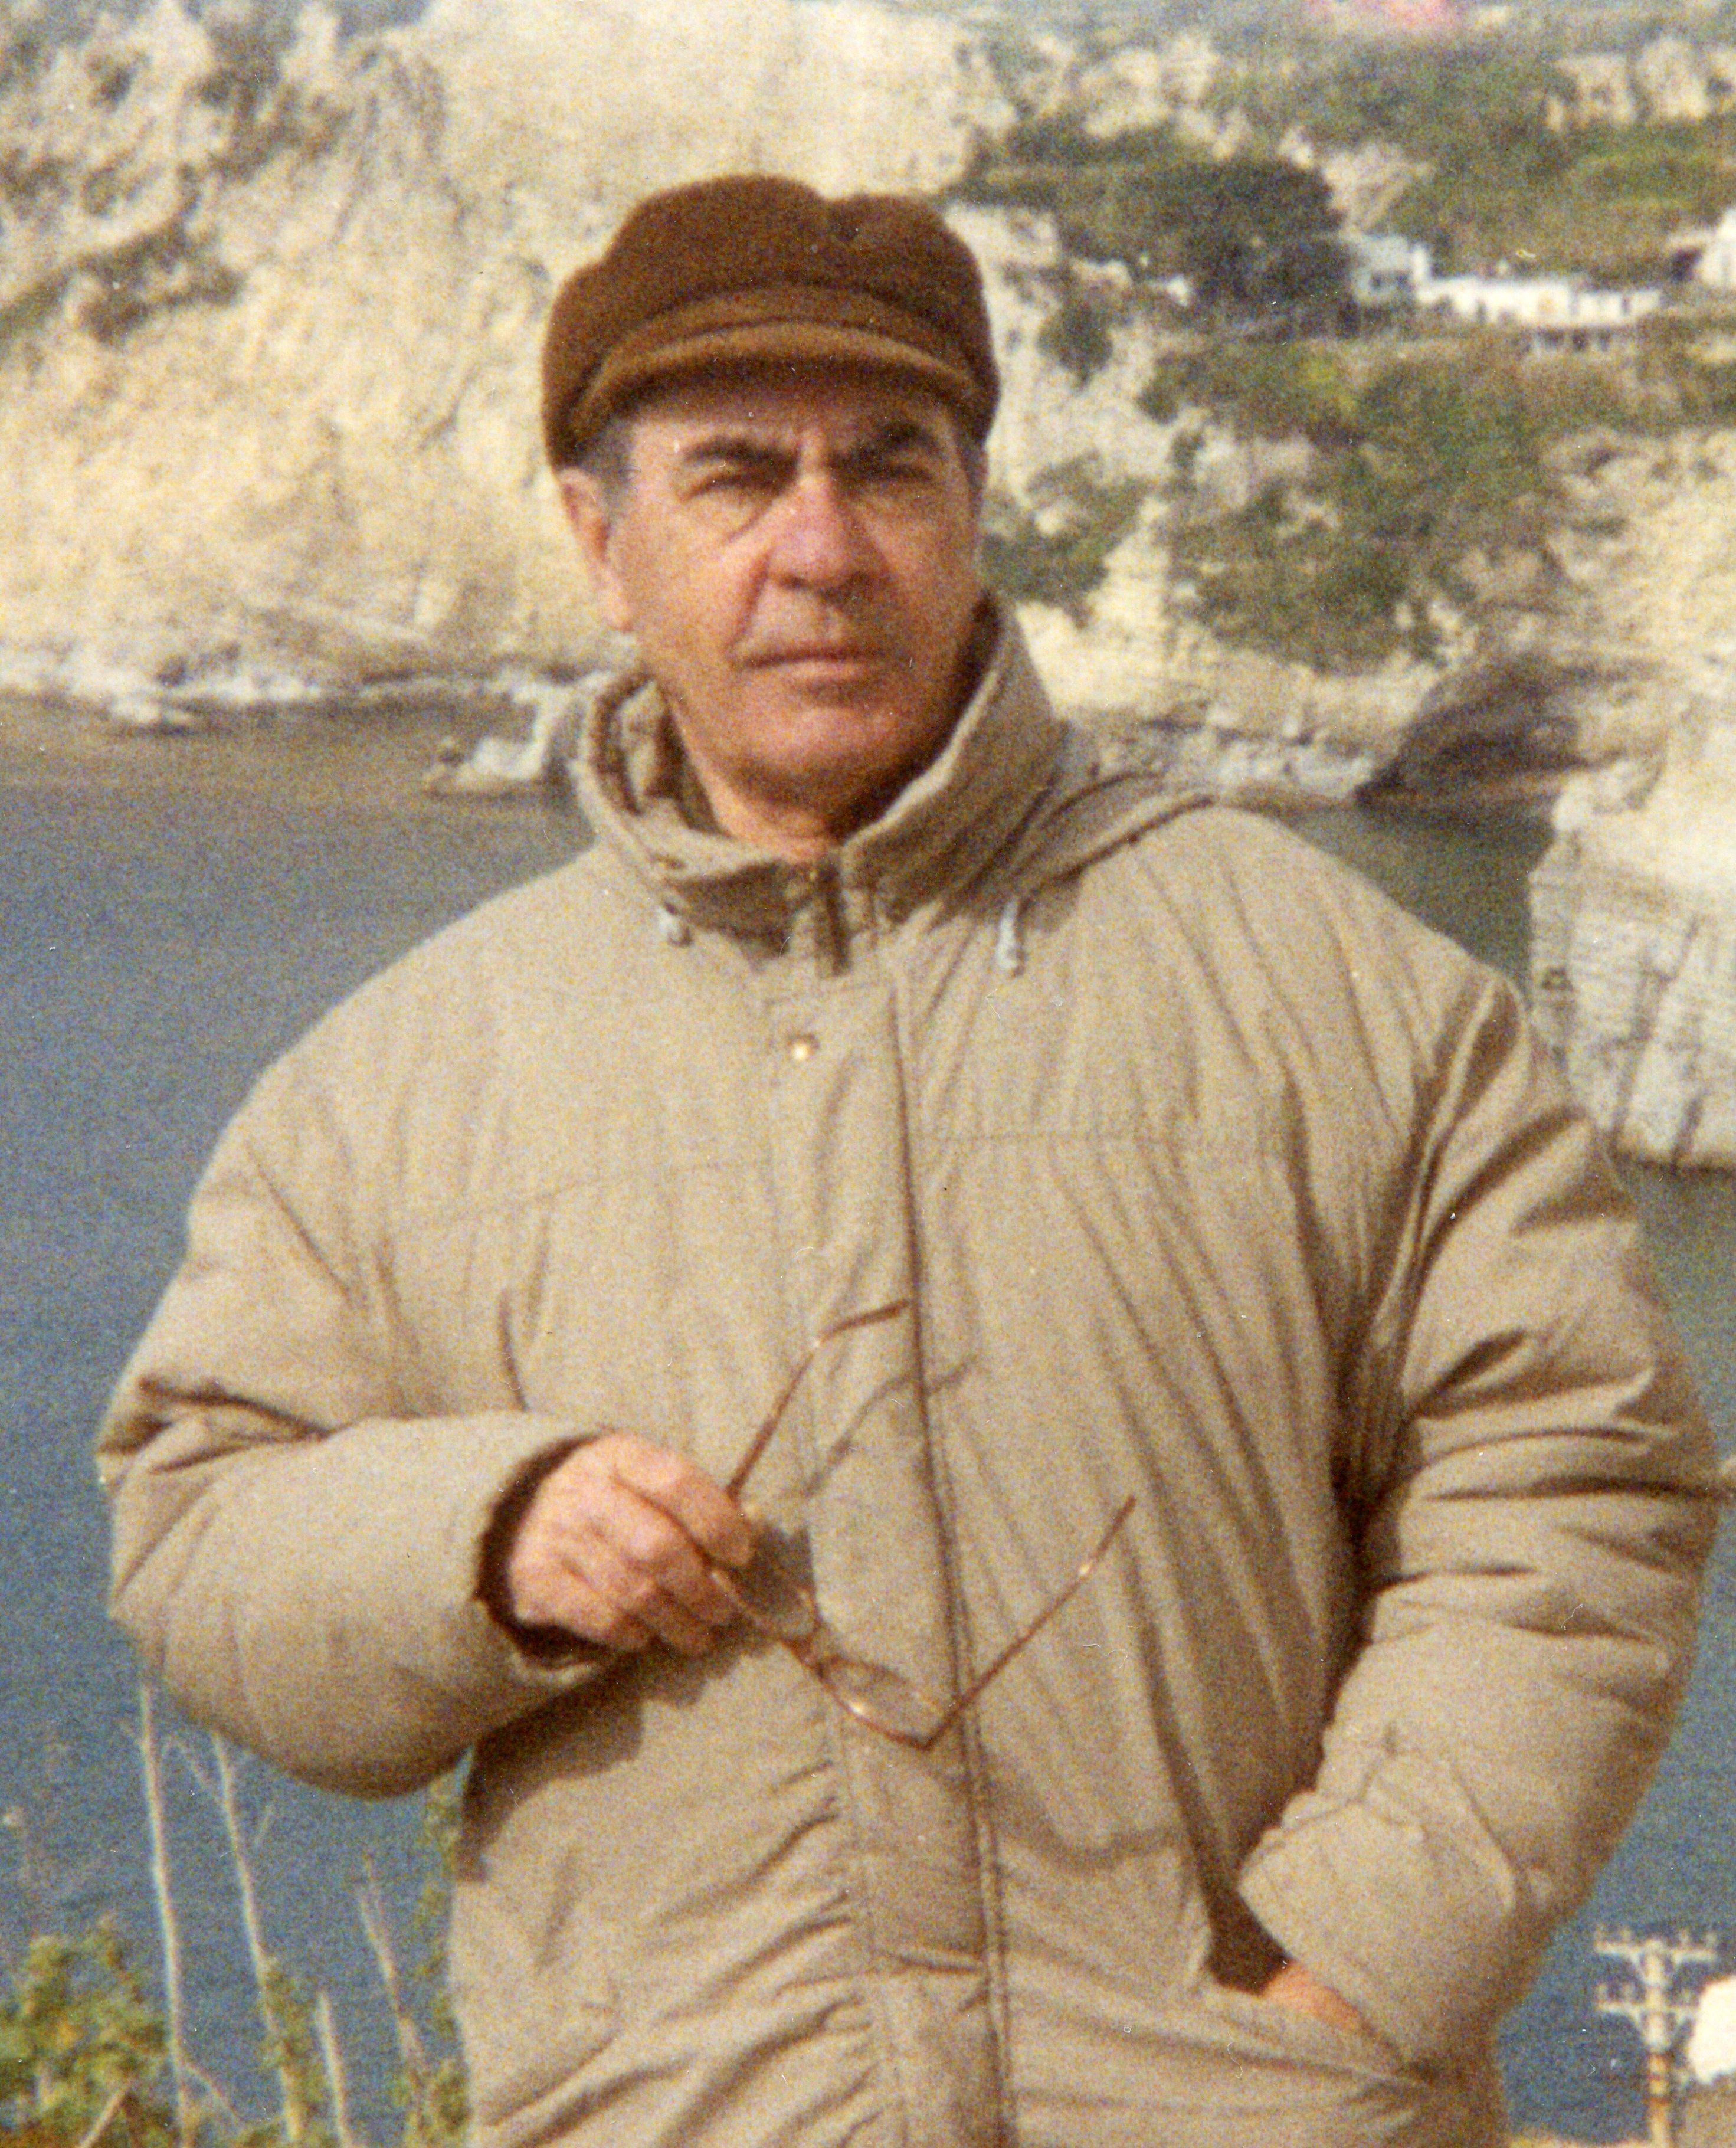 PAOLO GUALERZI